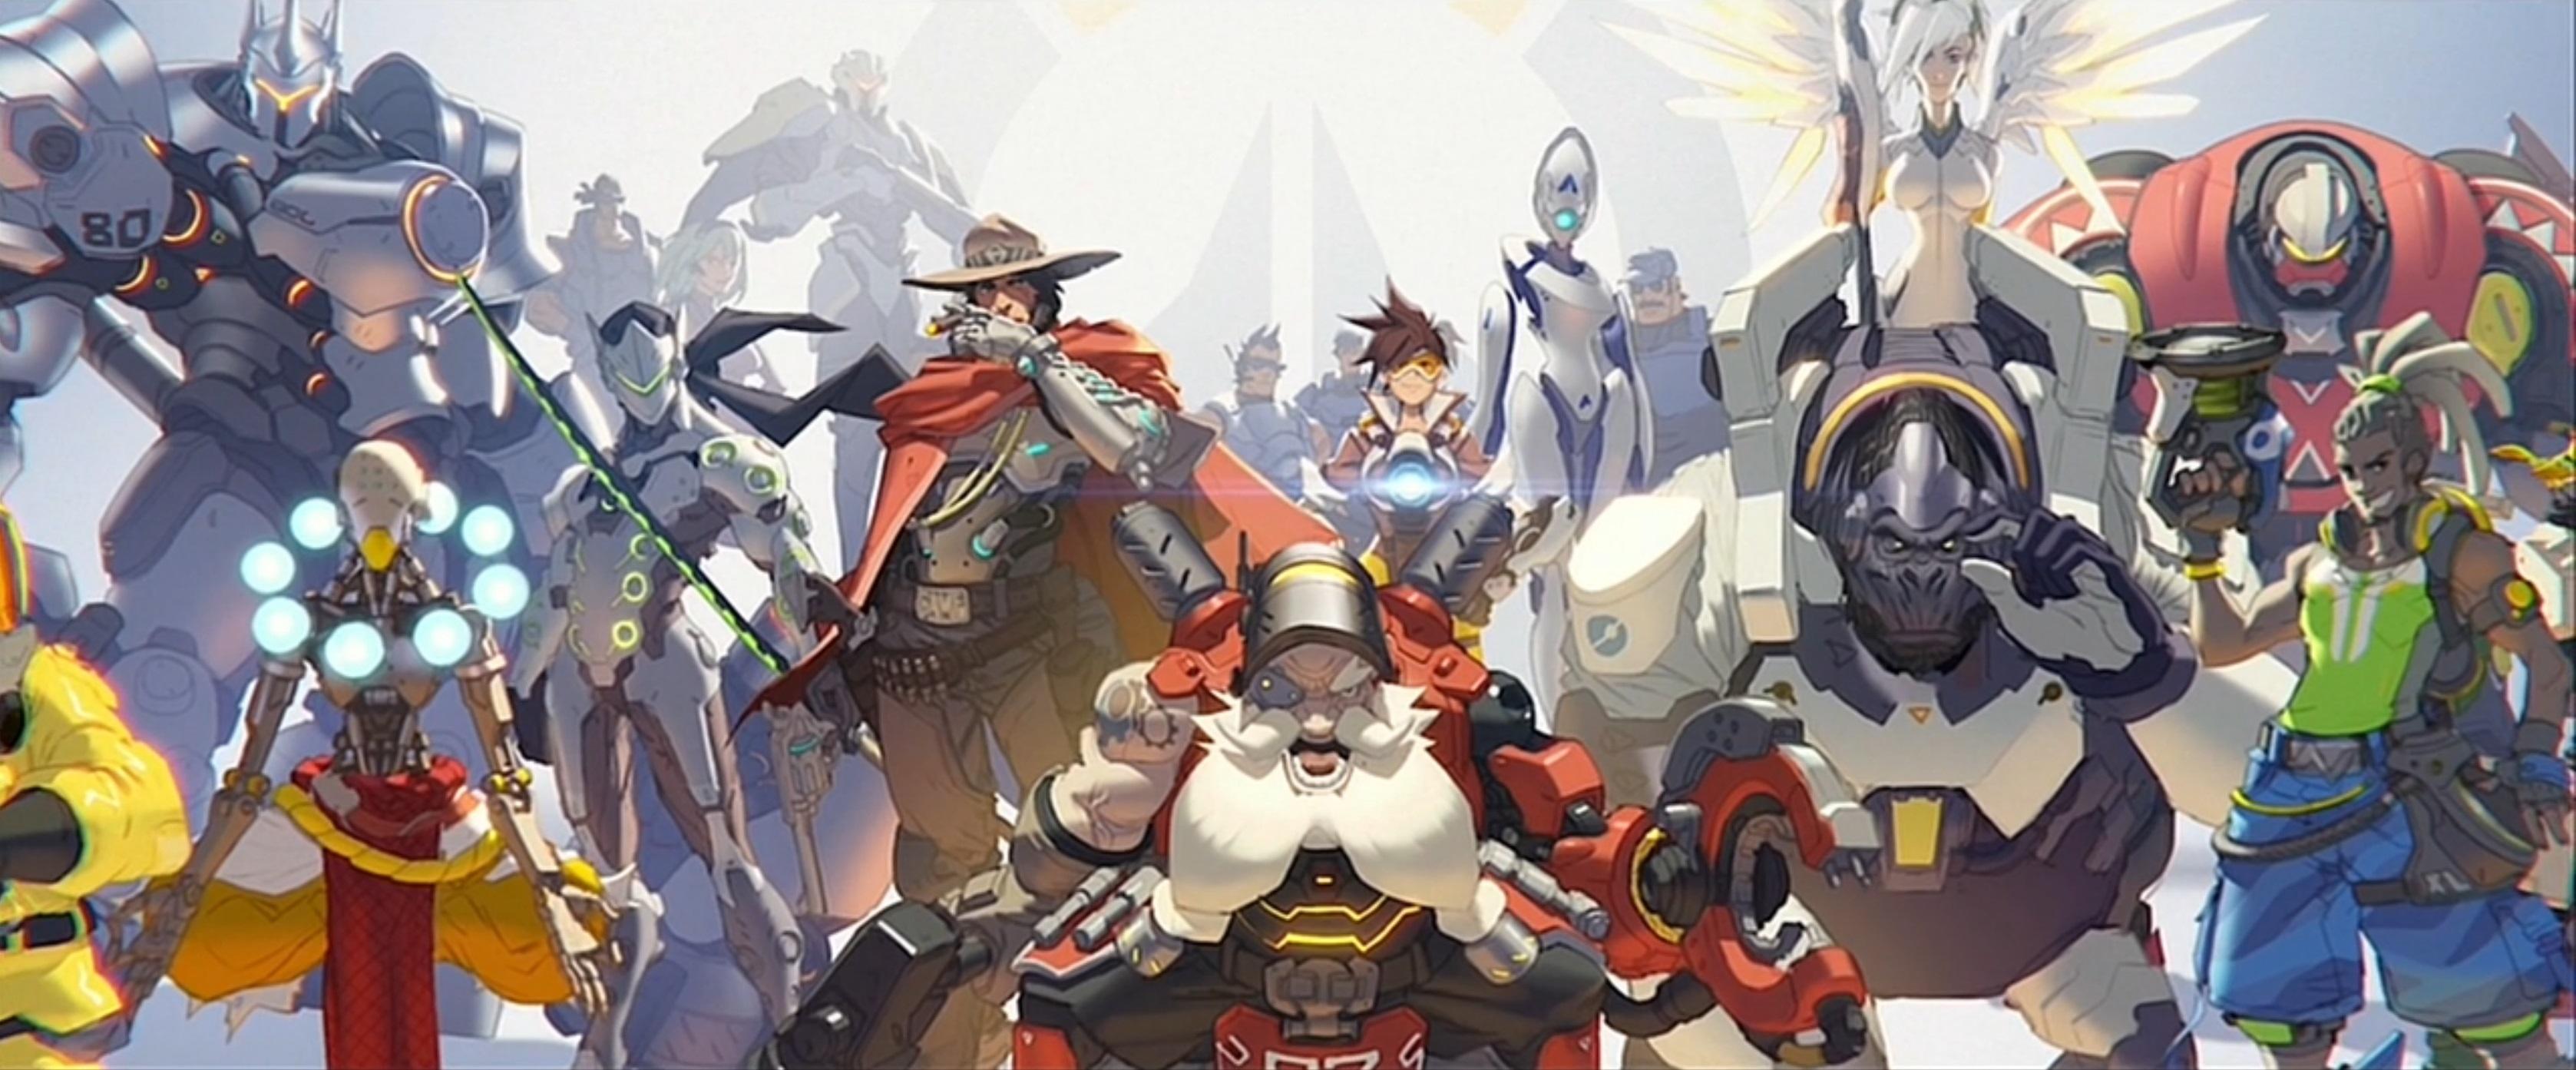 Overwatch Spielerzahl: Blizzard freut sich über 30 Millionen Spieler